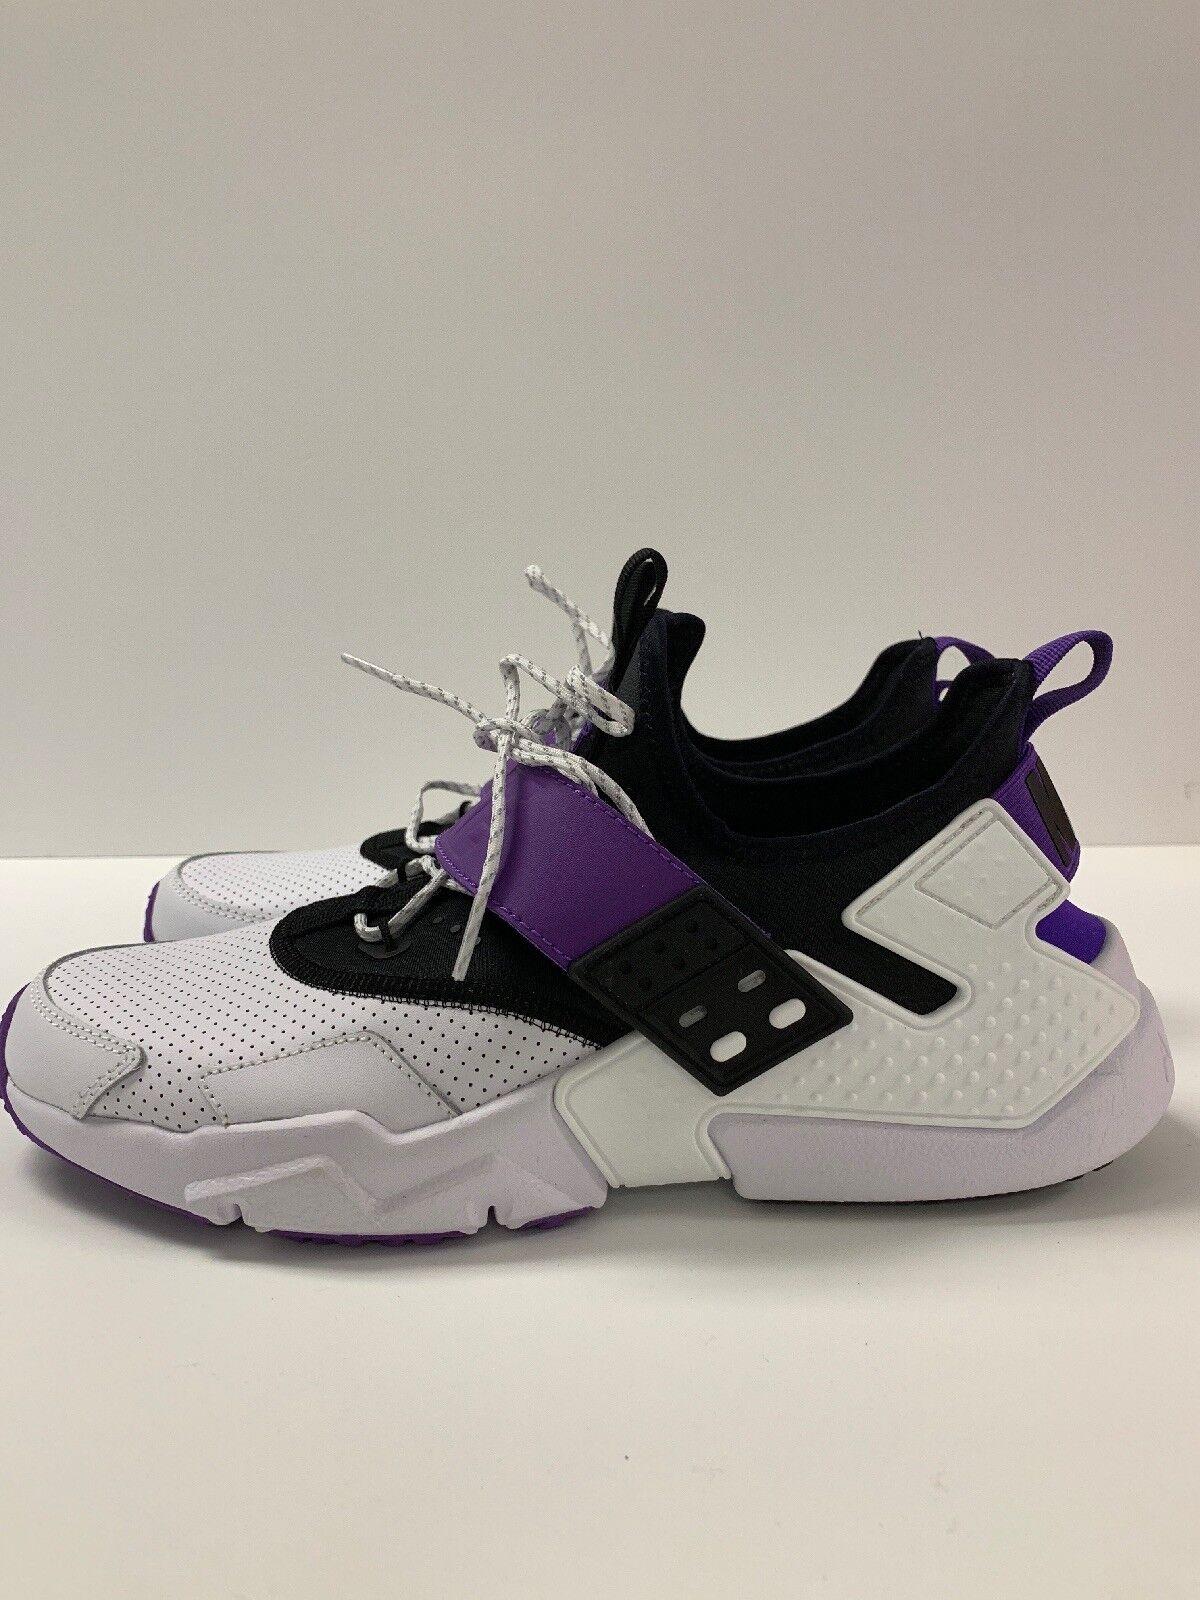 Nike Air Huarache Drift PRM Purple Punch size 10 white purple  AH7335-101